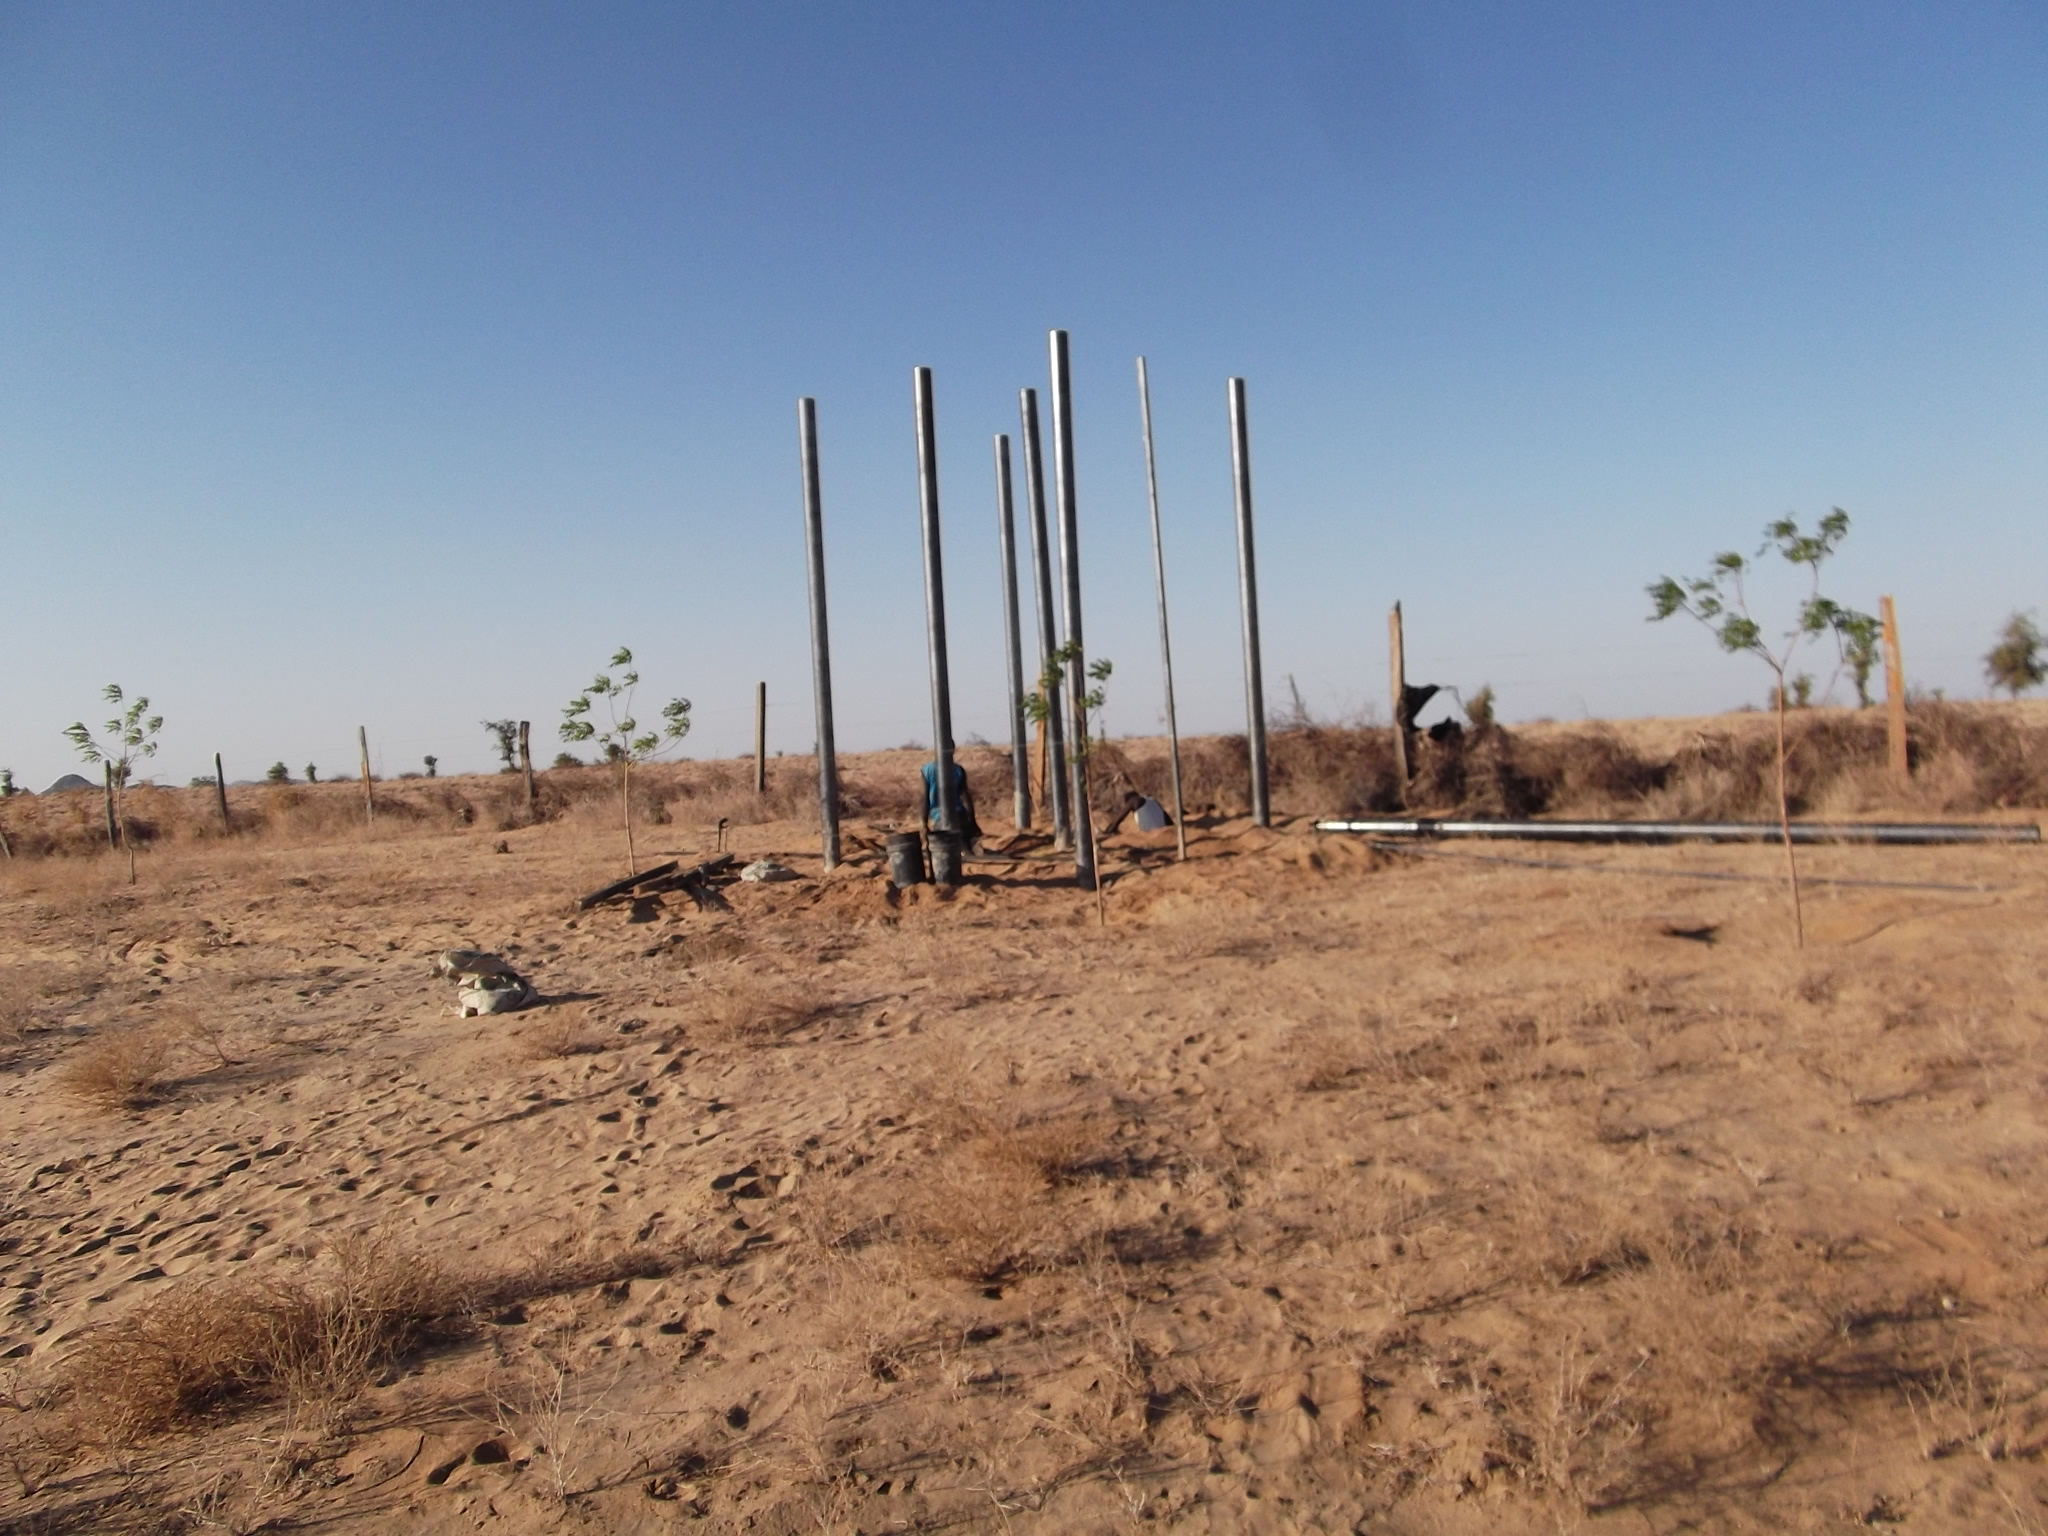 The Water Project : dscf0819